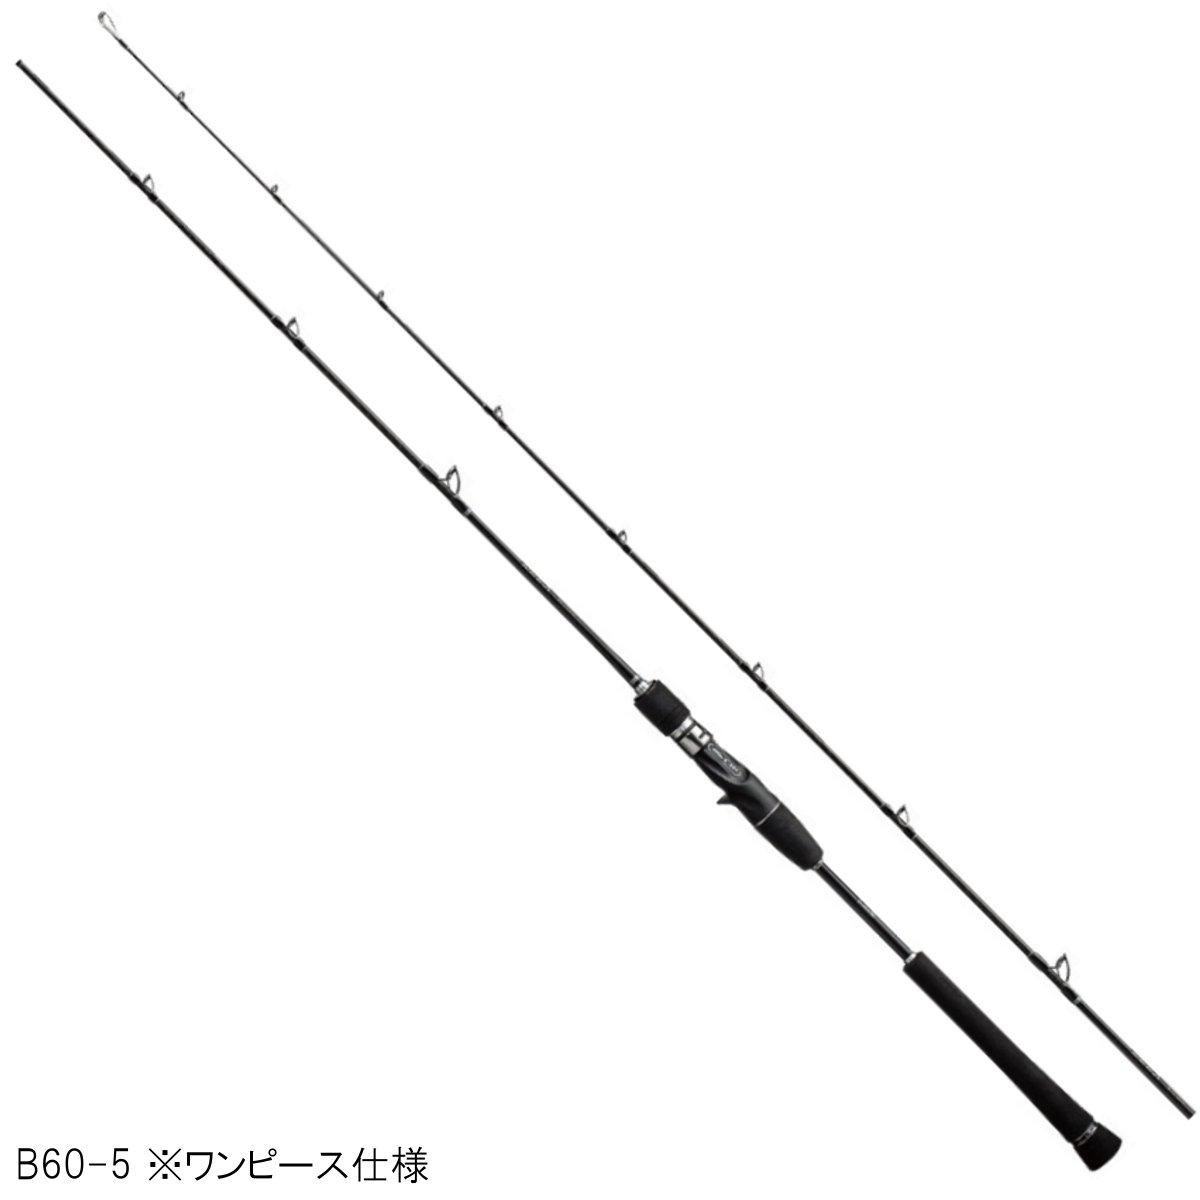 シマノ オシアジガー(ベイト) B60-5【大型商品】